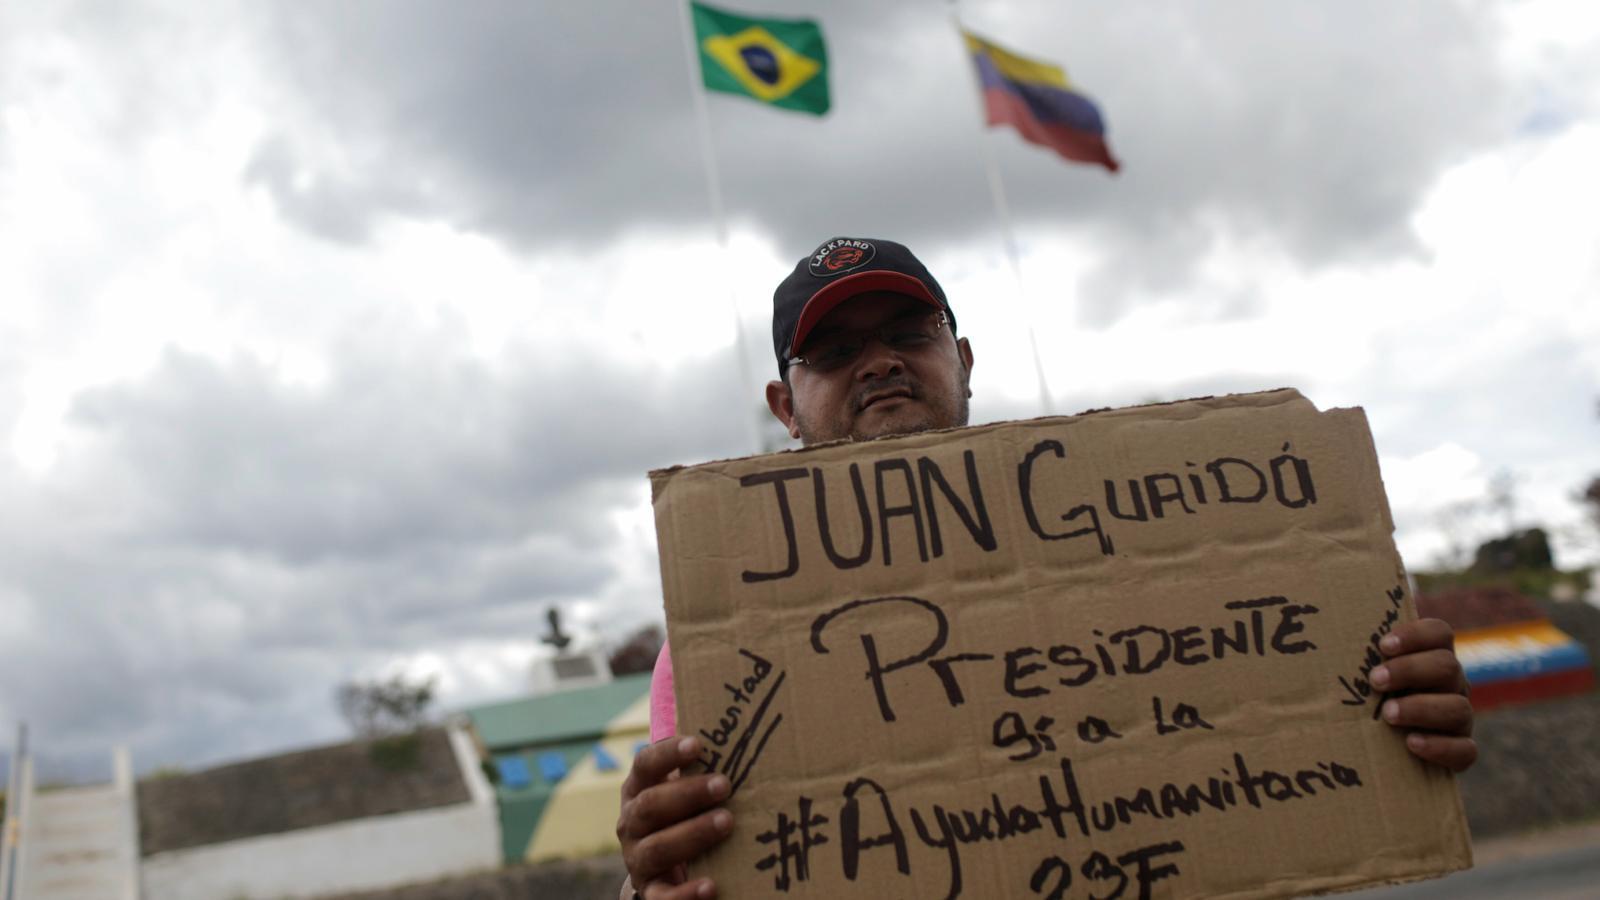 Un veneçolà mostrant un cartell en suport a Juan Guaidó, al municipi brasiler de Pacaraima